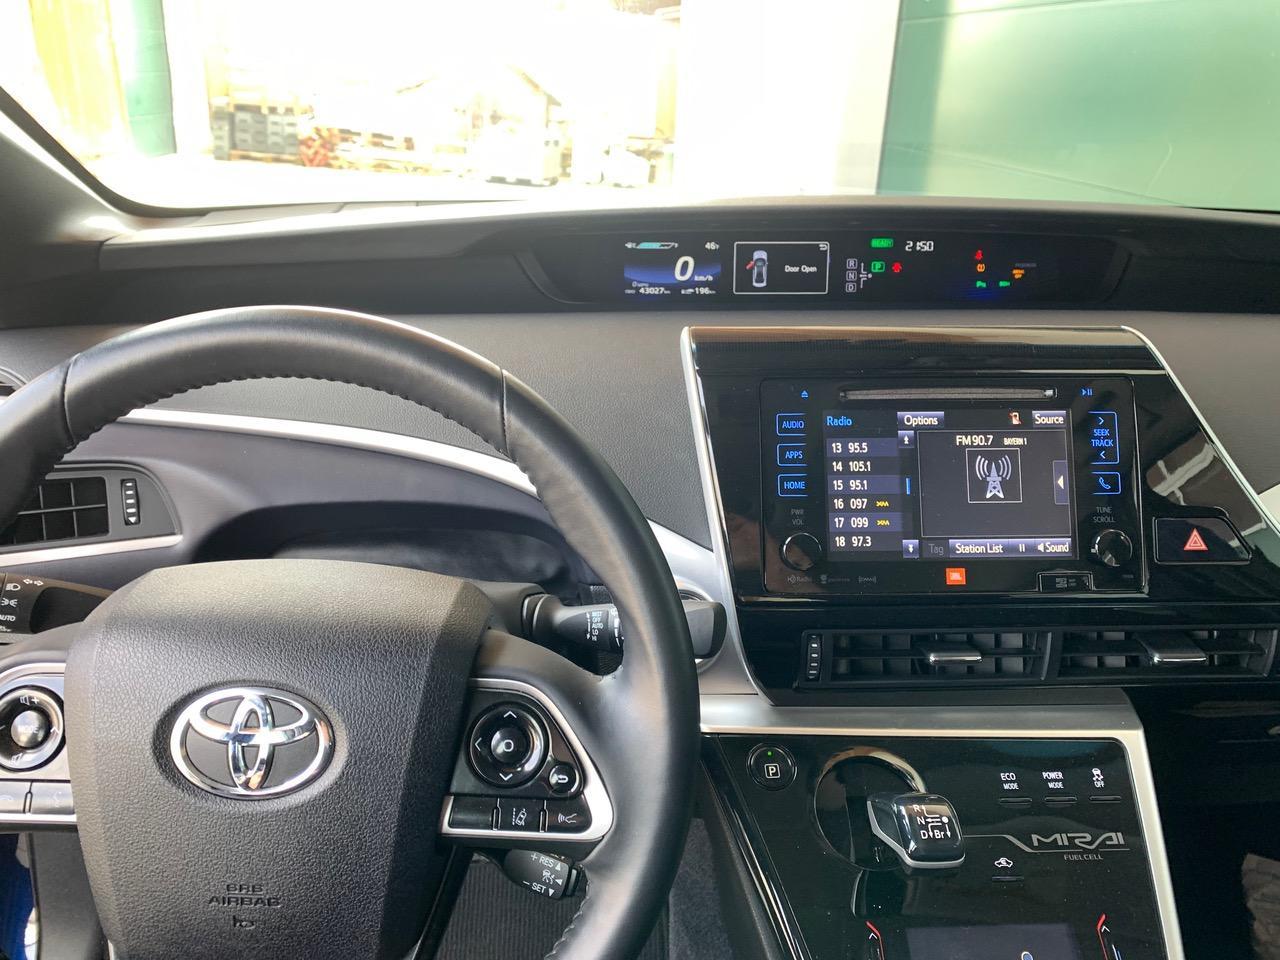 Gebraucht Blau Toyota mirai wasserstoff auto zu Verkaufen Schweiz